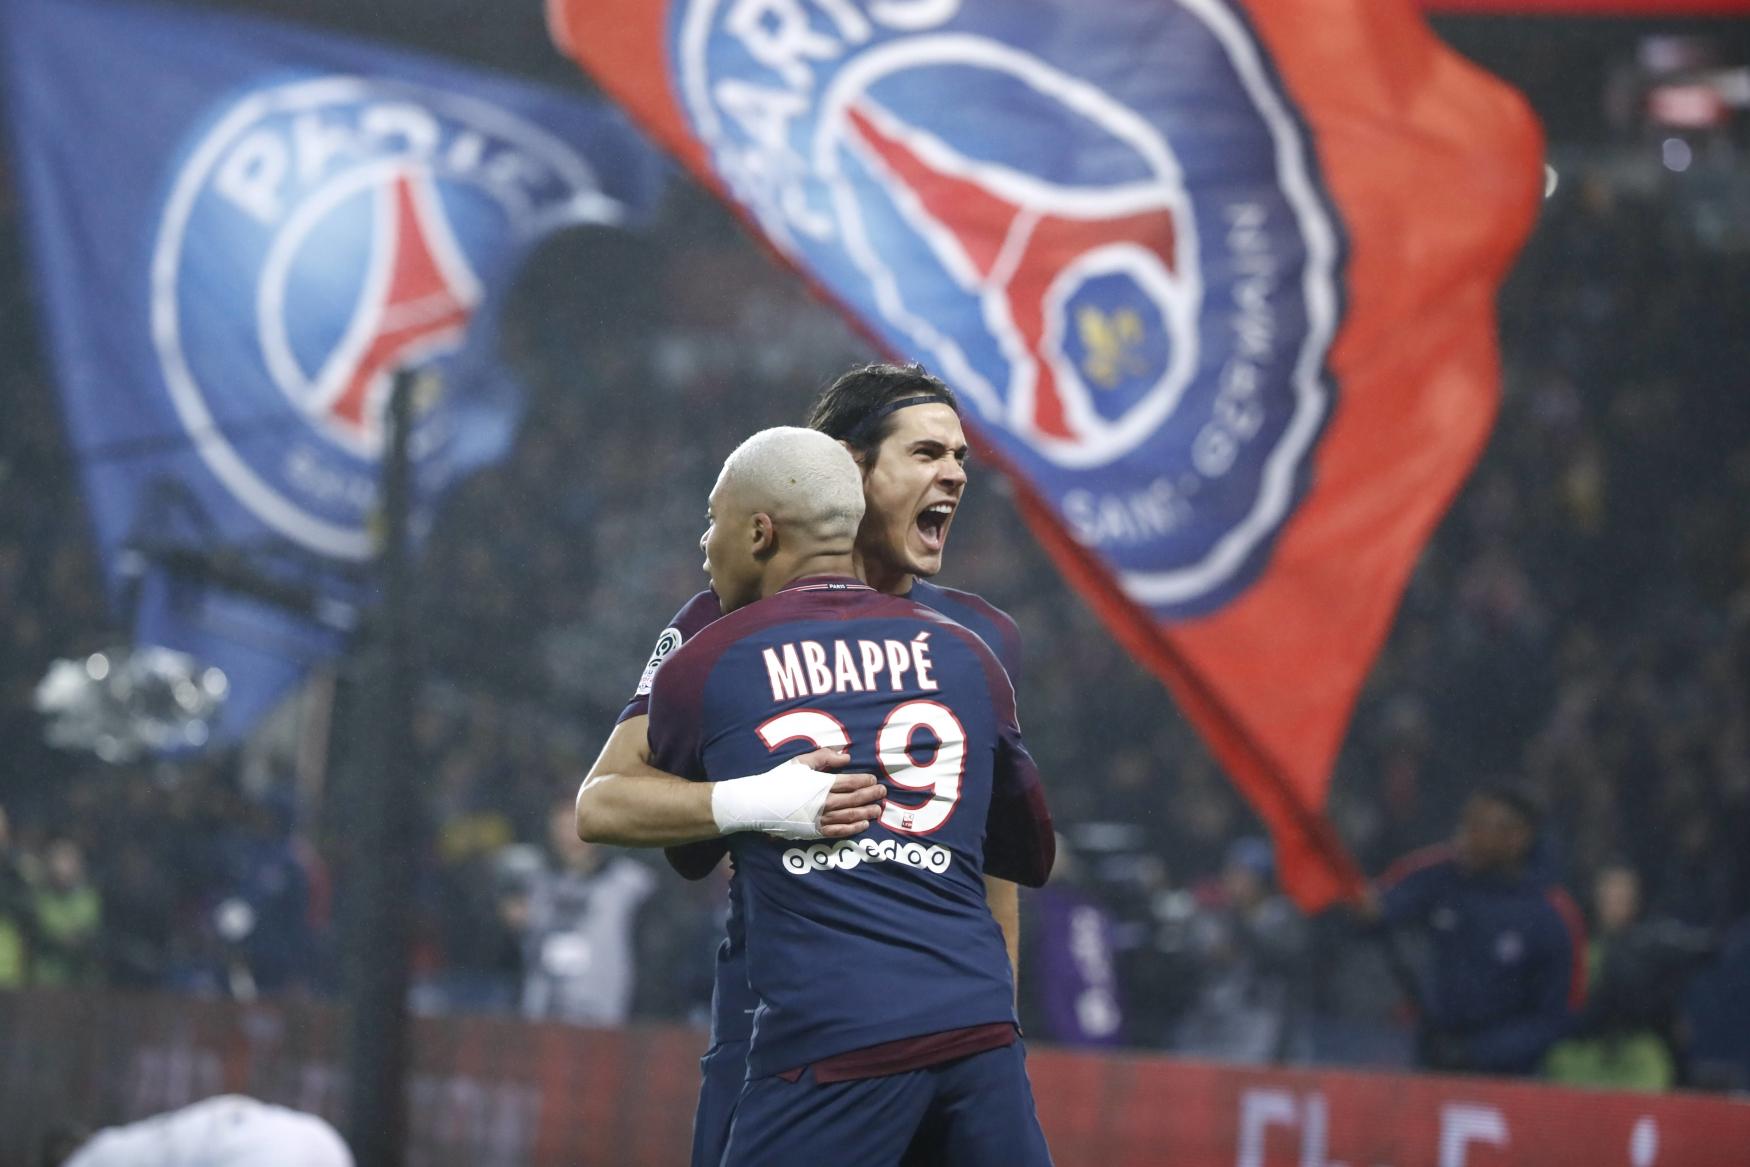 PREVIEW - 17. kolo francouzské Ligue 1